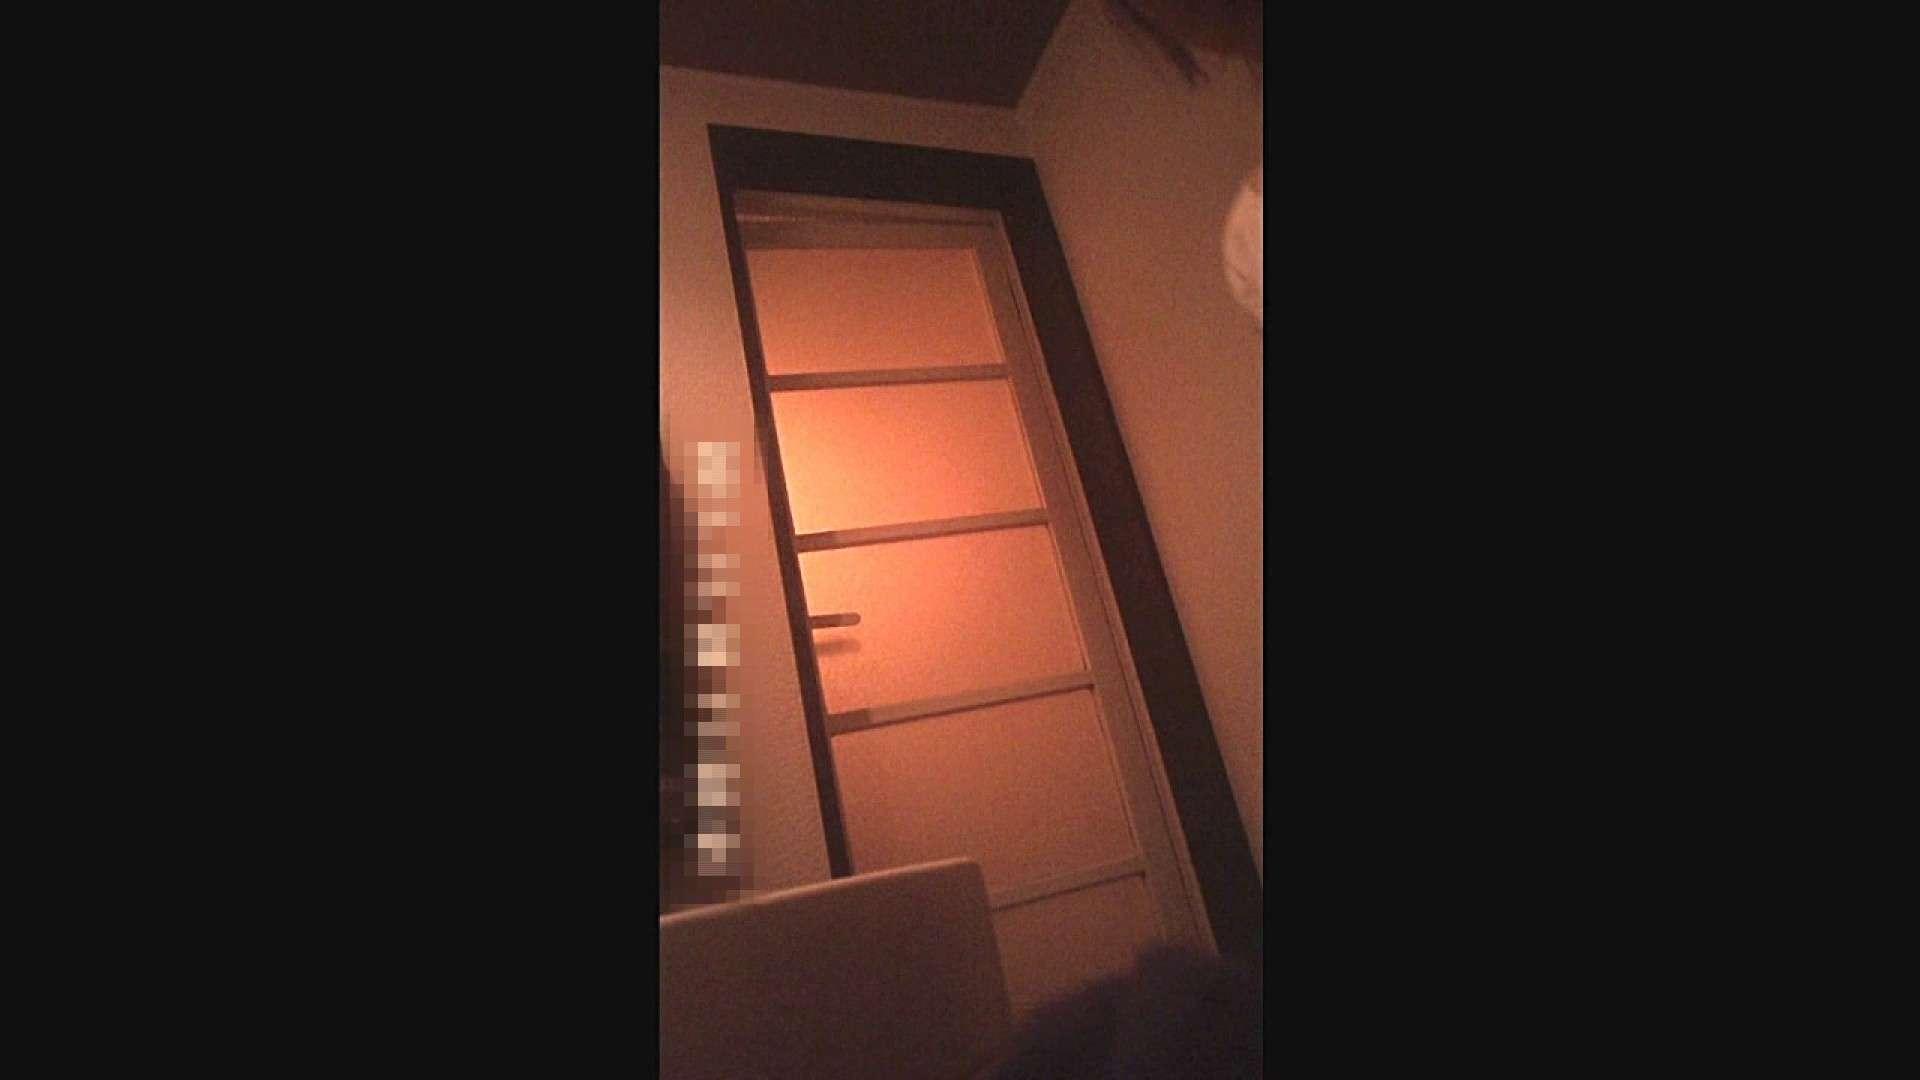 無修正エロ動画:(再)禁断、家庭教のおしえ子 (シリーズⅡ)みほかちゃん Vol.21 脱衣編:怪盗ジョーカー